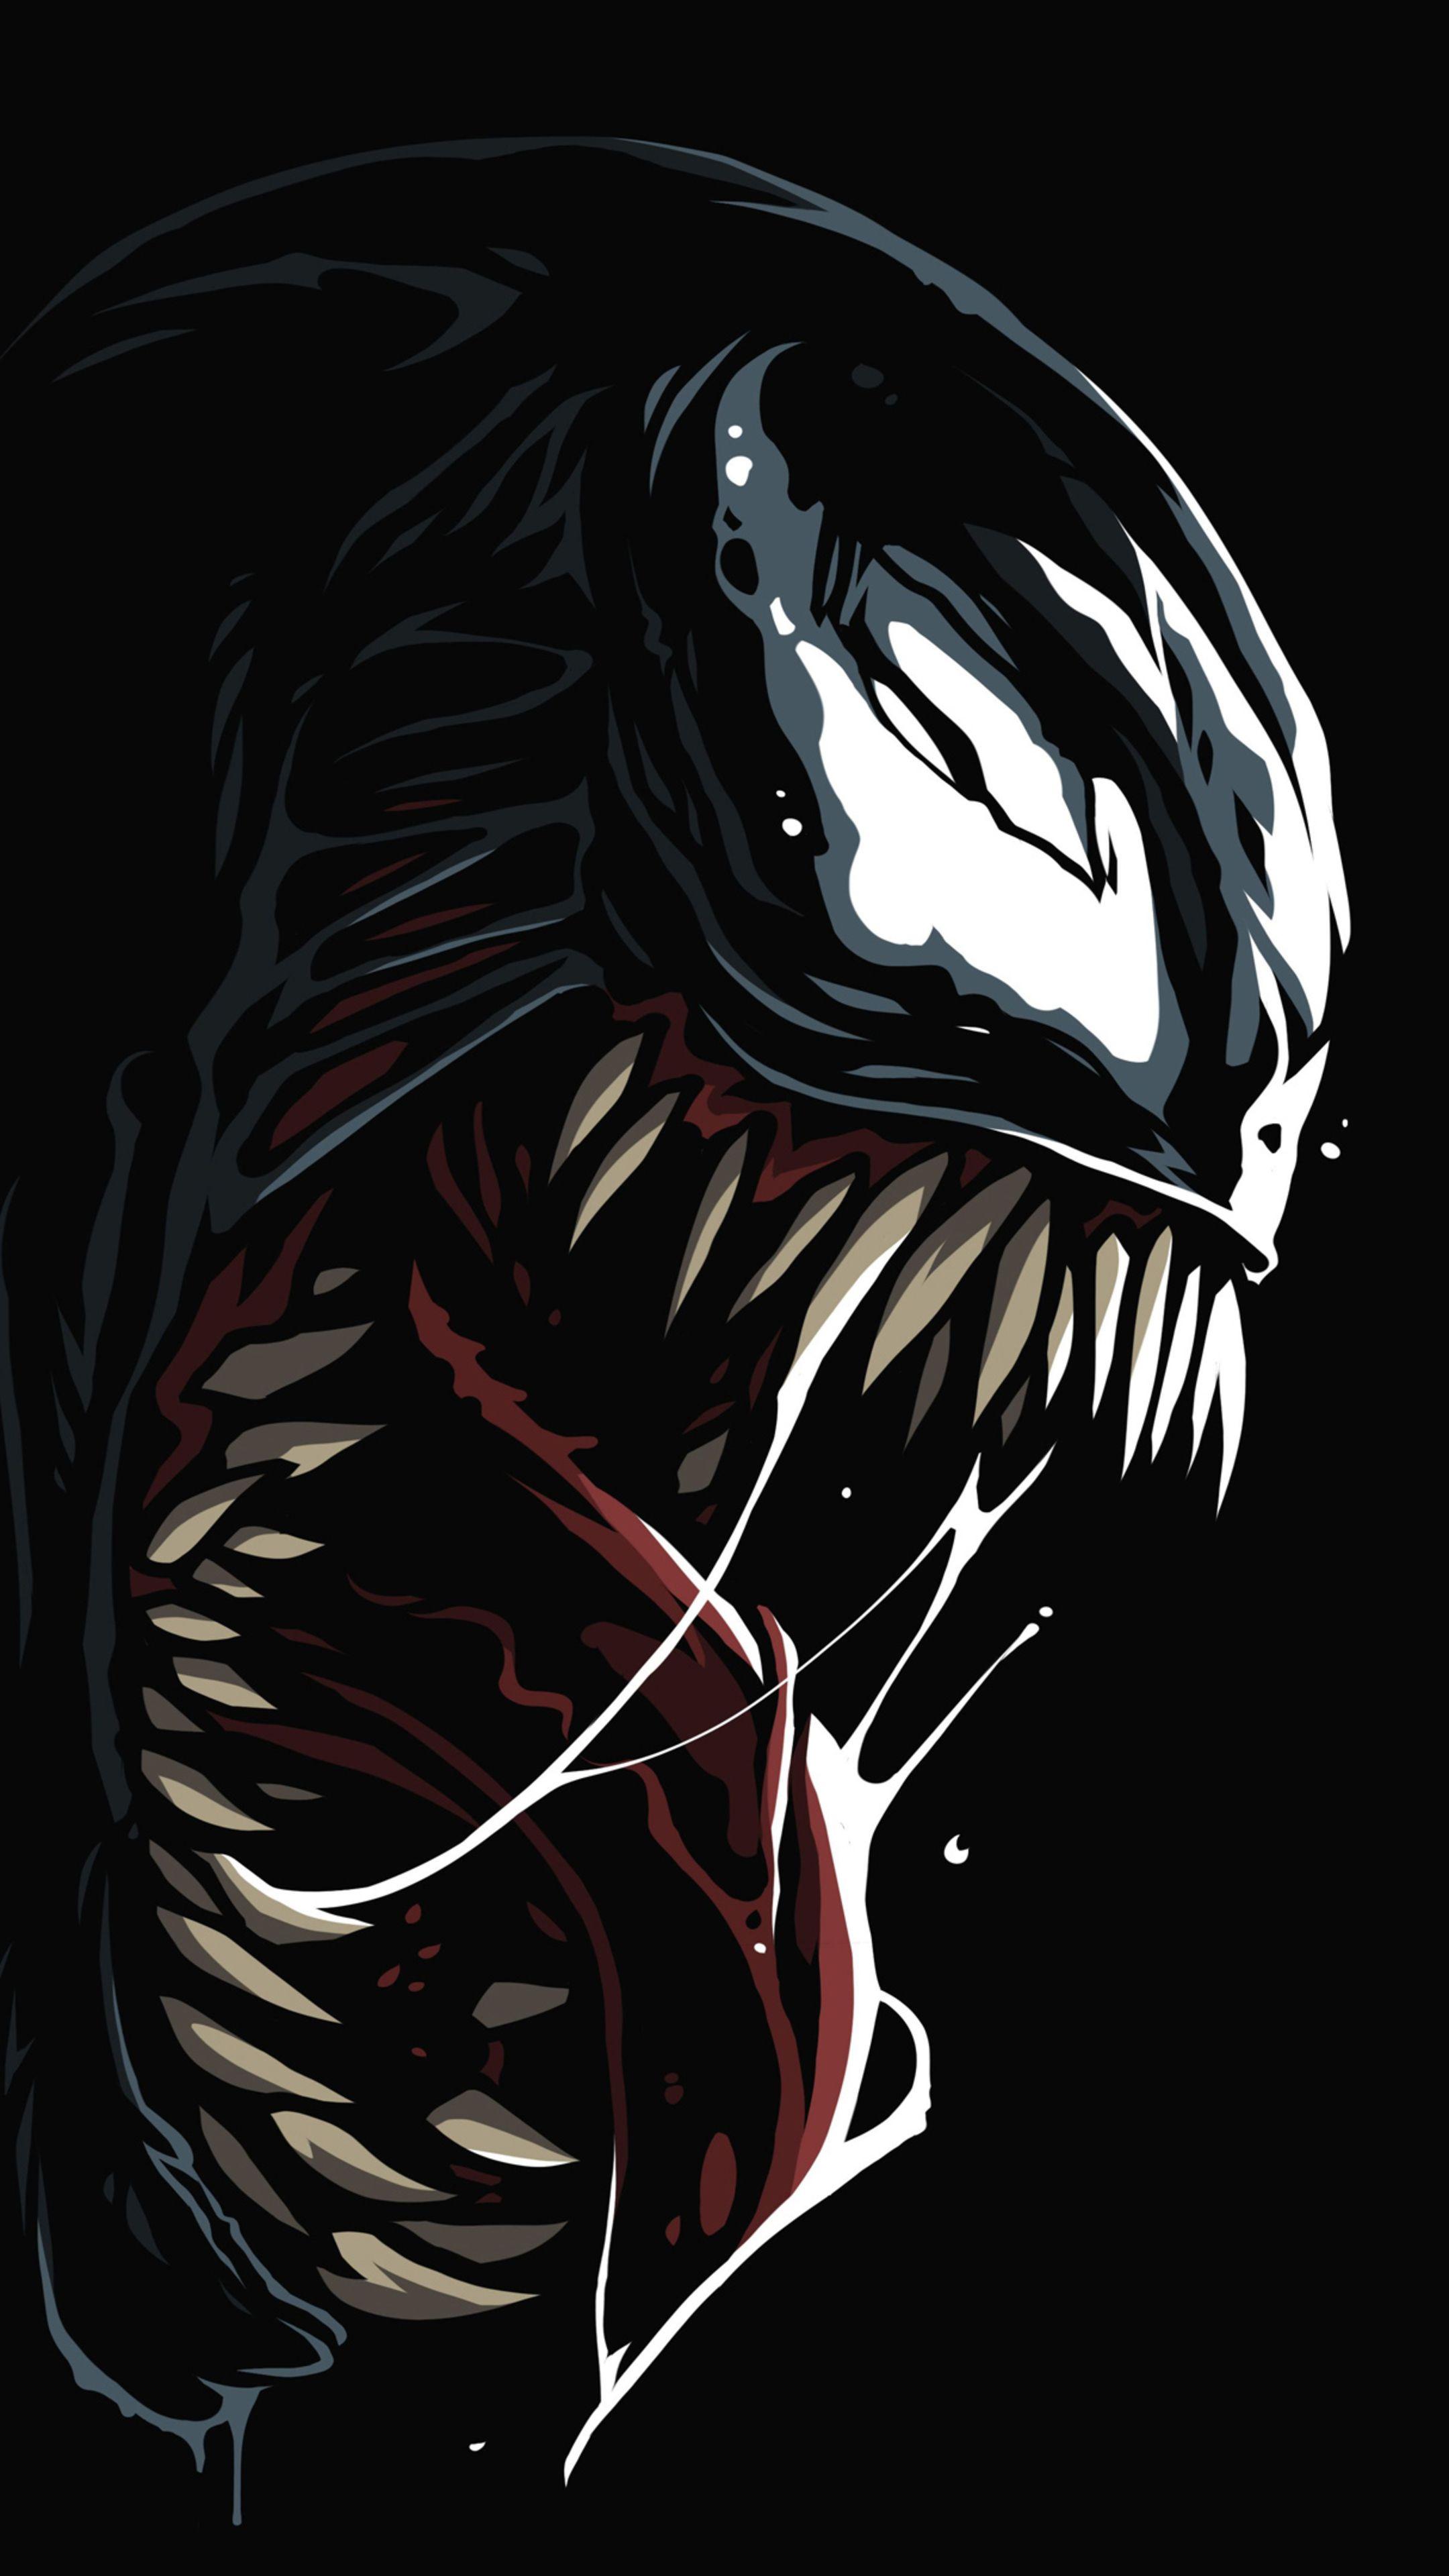 Venom Amoled 4k In 2160x3840 Resolution Deadpool wallpaper 2160x3840